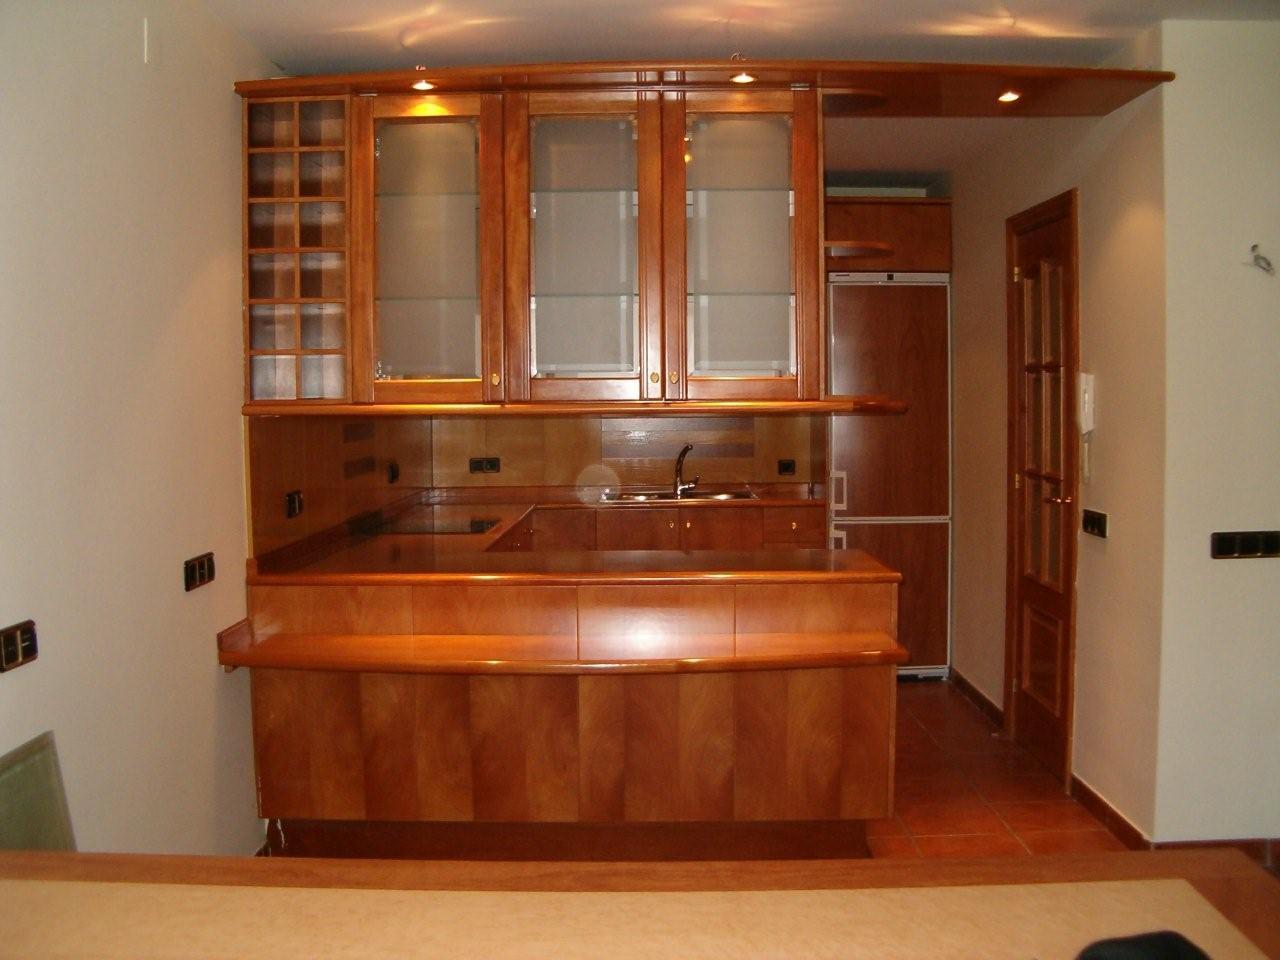 Dormitorio muebles modernos venta muebles de cocina for Compra de cocinas integrales